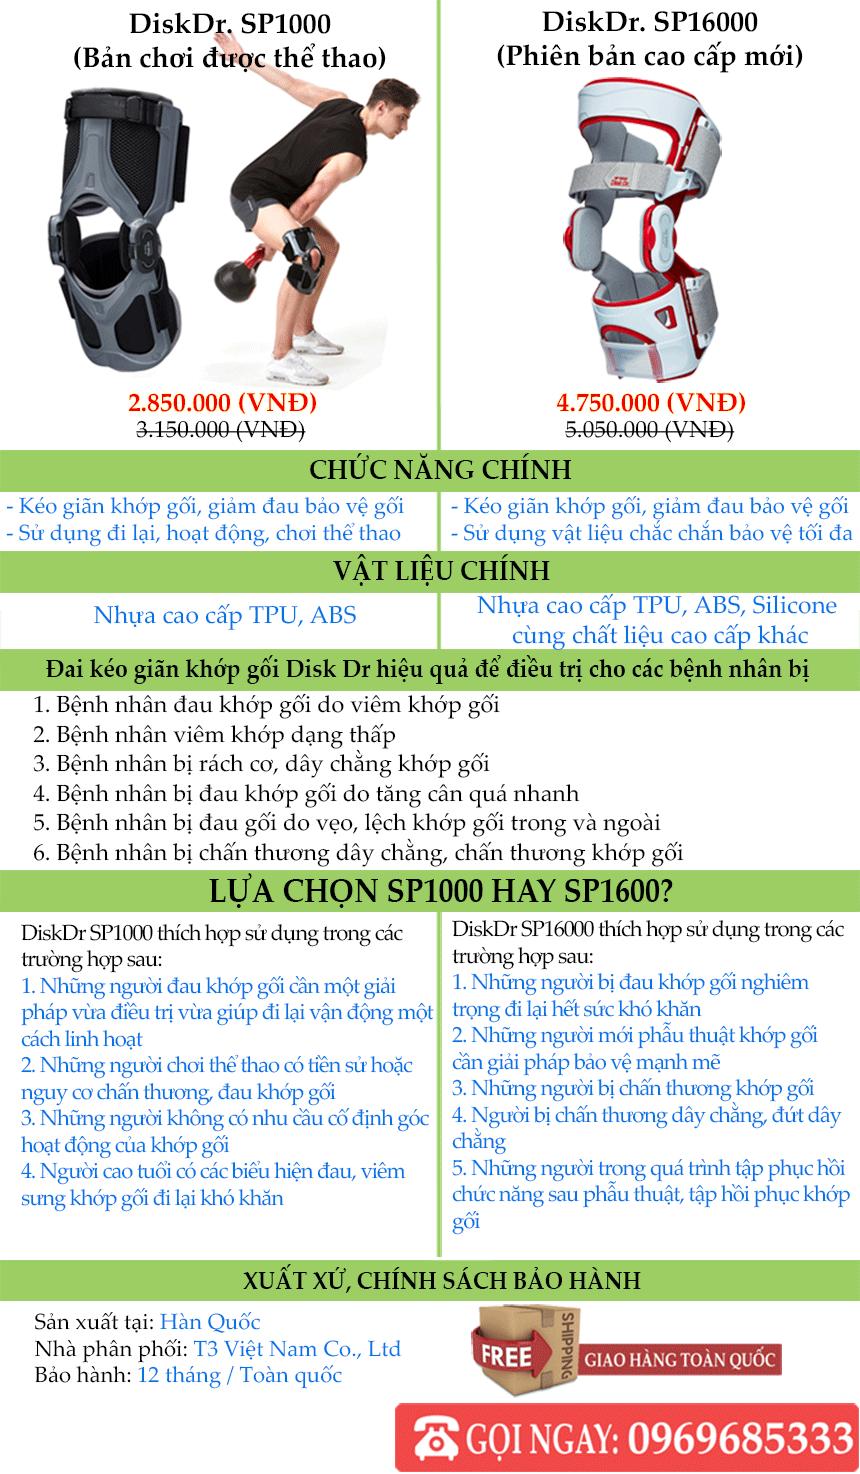 So sánh các phiên bản đai điều trị khớp gối của DiskDr